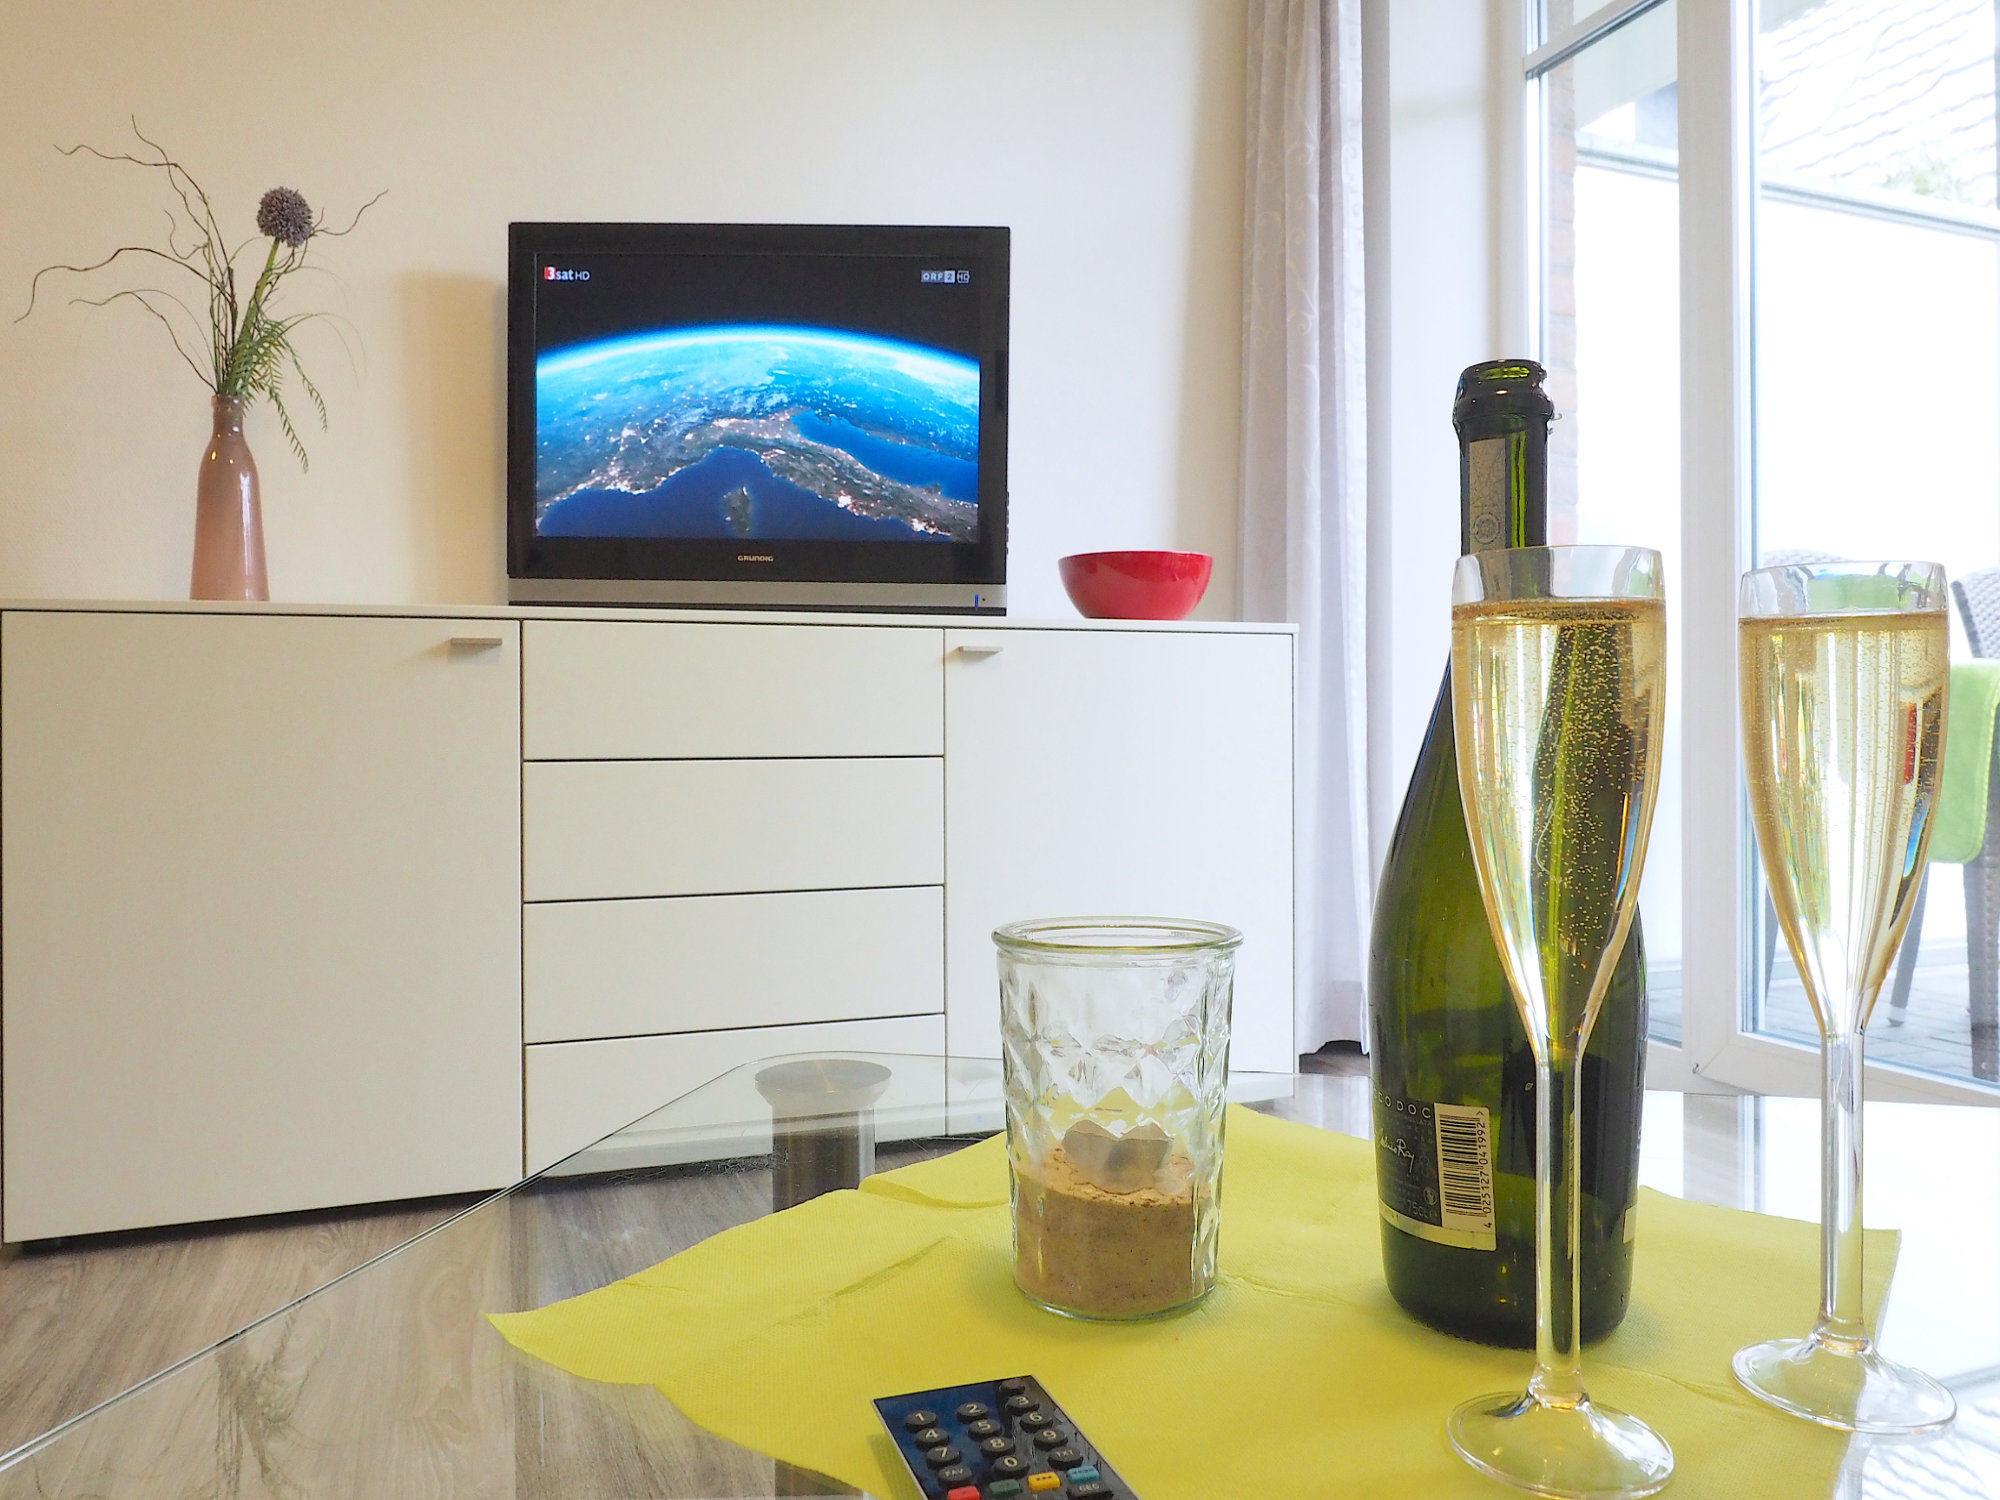 Wohnzimmer mit Glastisch, Sideboard mit Flatscreen TV